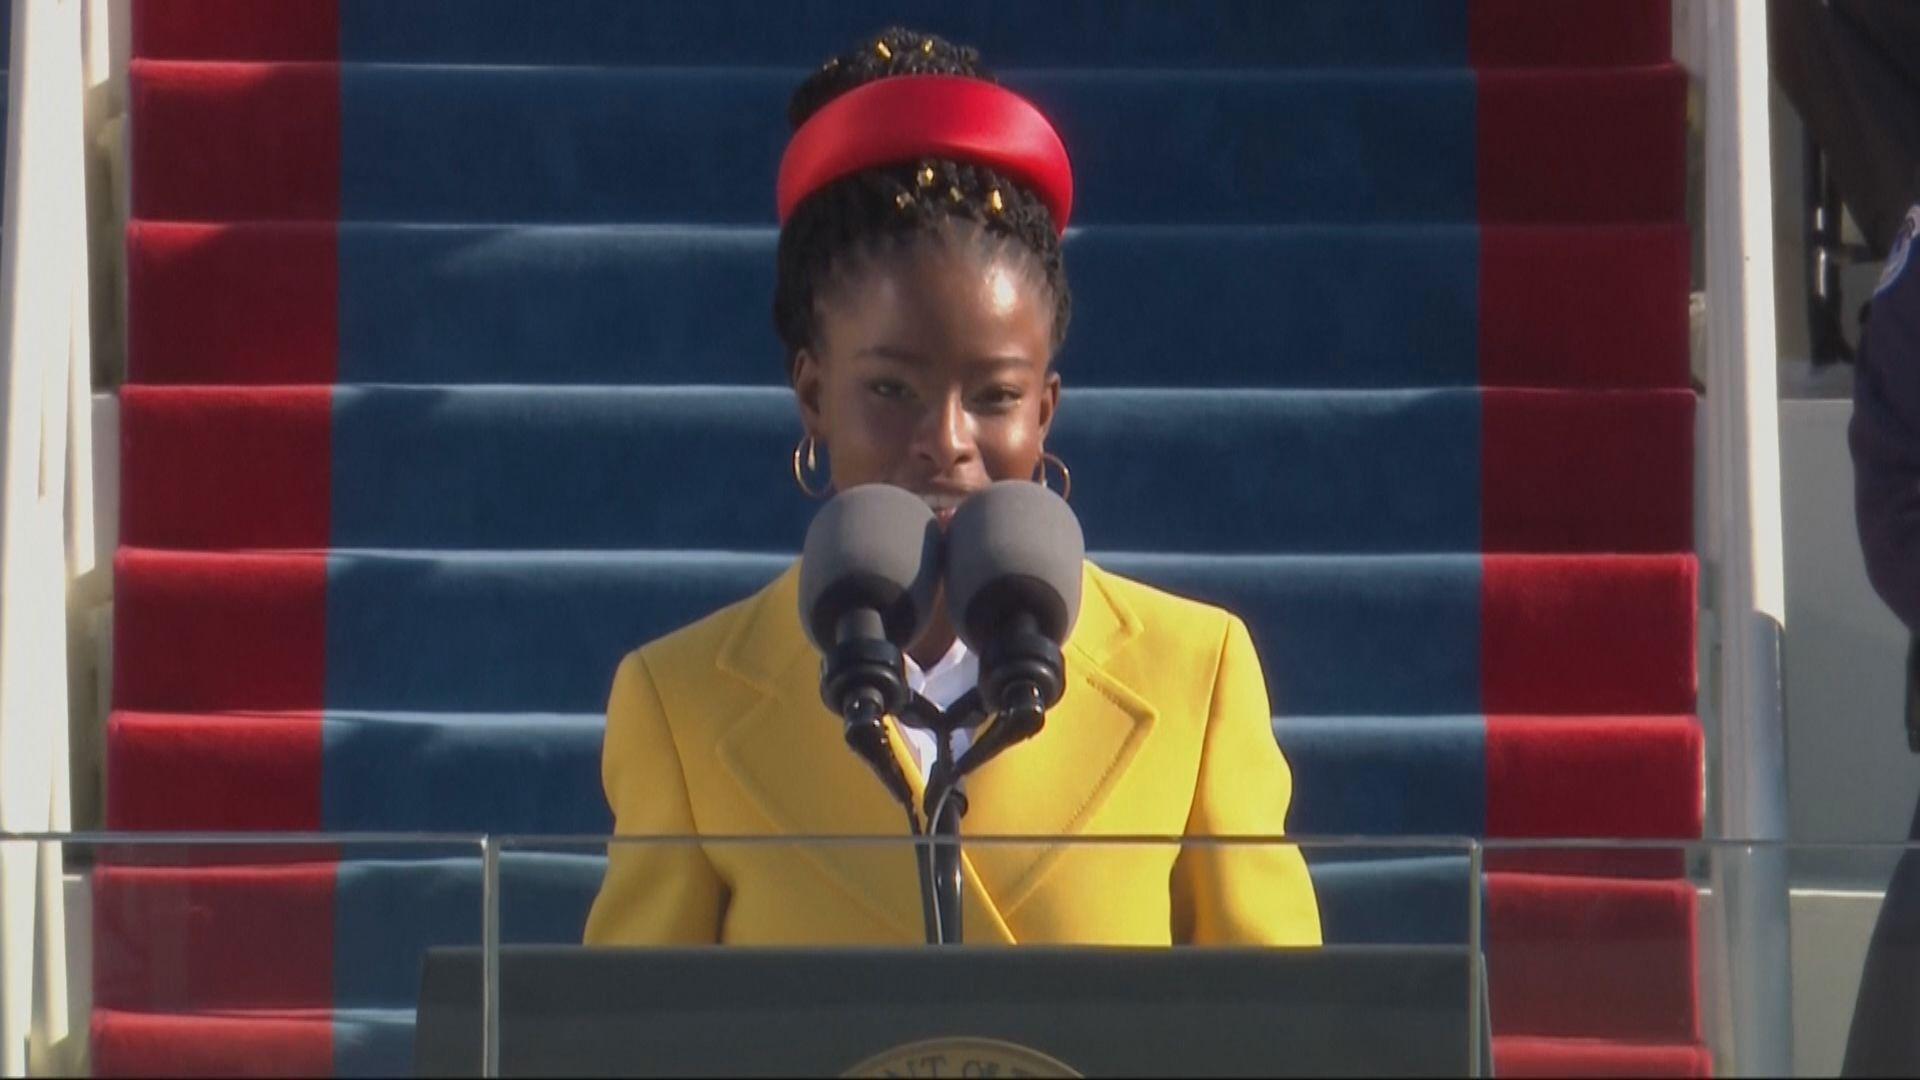 【環球薈報】22歲黑人少女拜登就職禮上誦詩成焦點